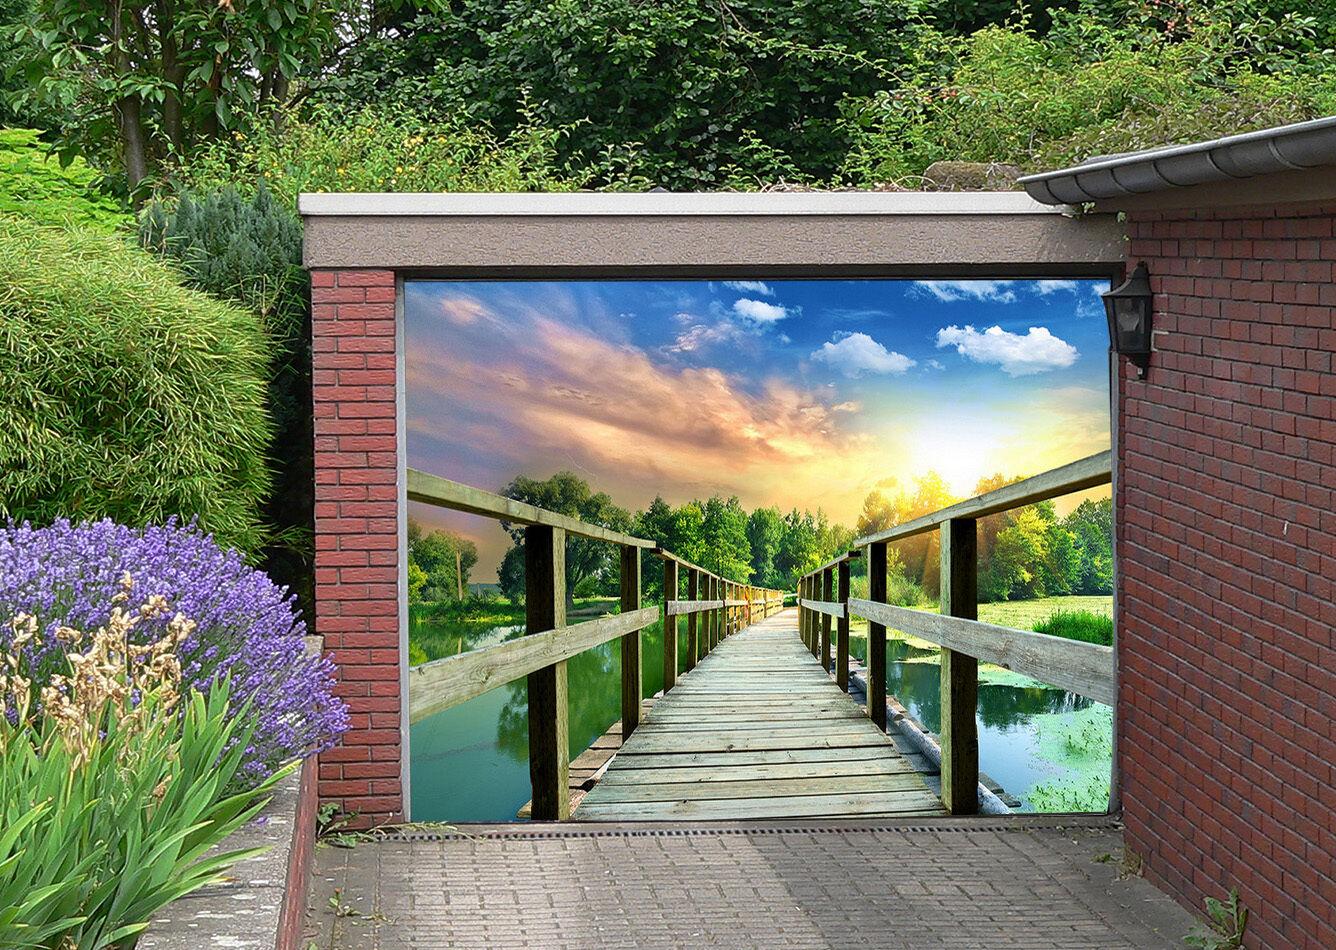 3D Ponte Legno Legno Legno 016 Garage Porta Stampe Parete Decorazione Murale AJ WALLPAPER IT 0dcc30